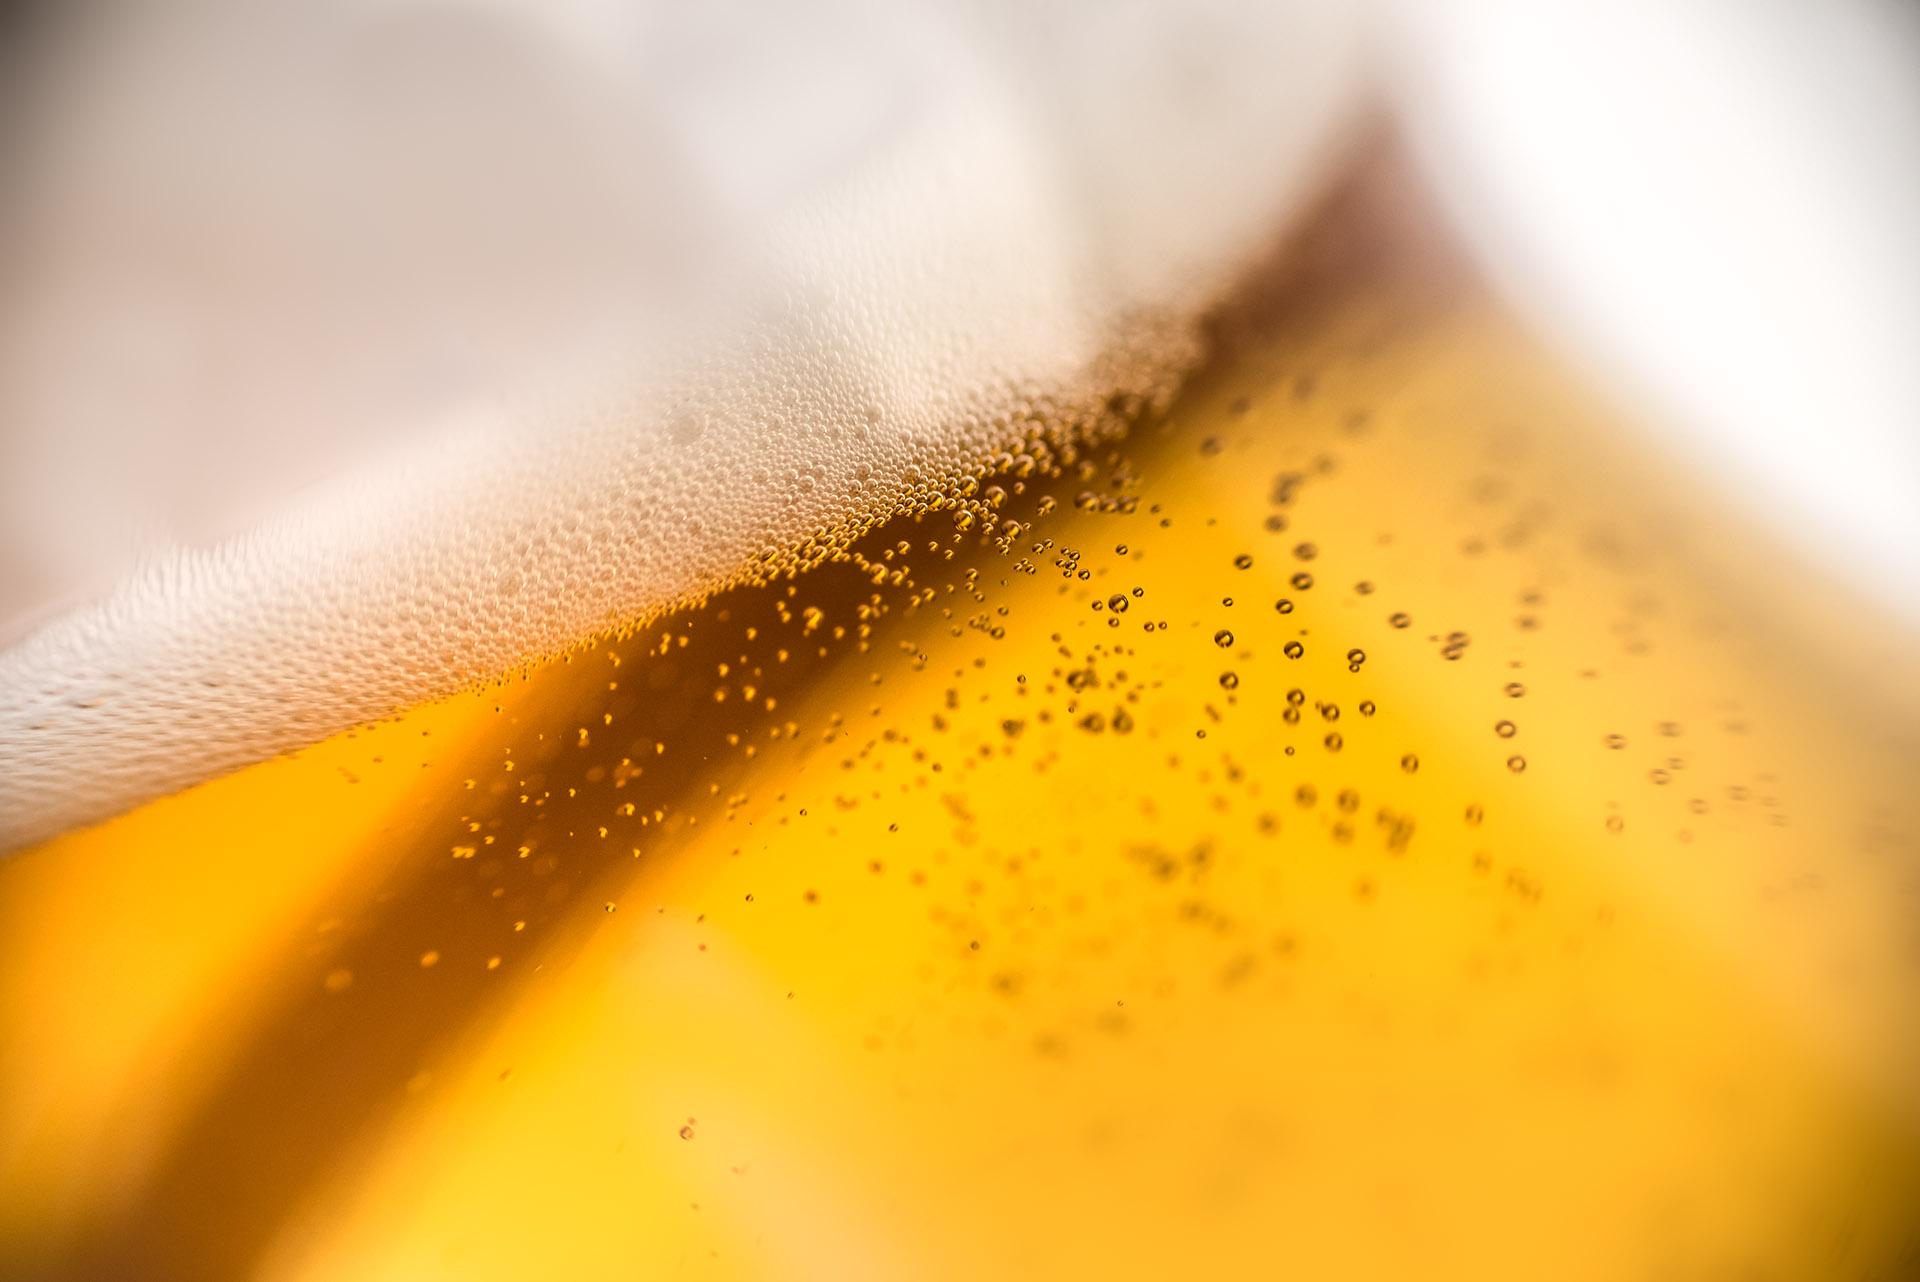 Werbefotografie Studio Oberfranken Close Up von Kohlensäueperlen und Bierschaum eines Pils. Feigefotodesign